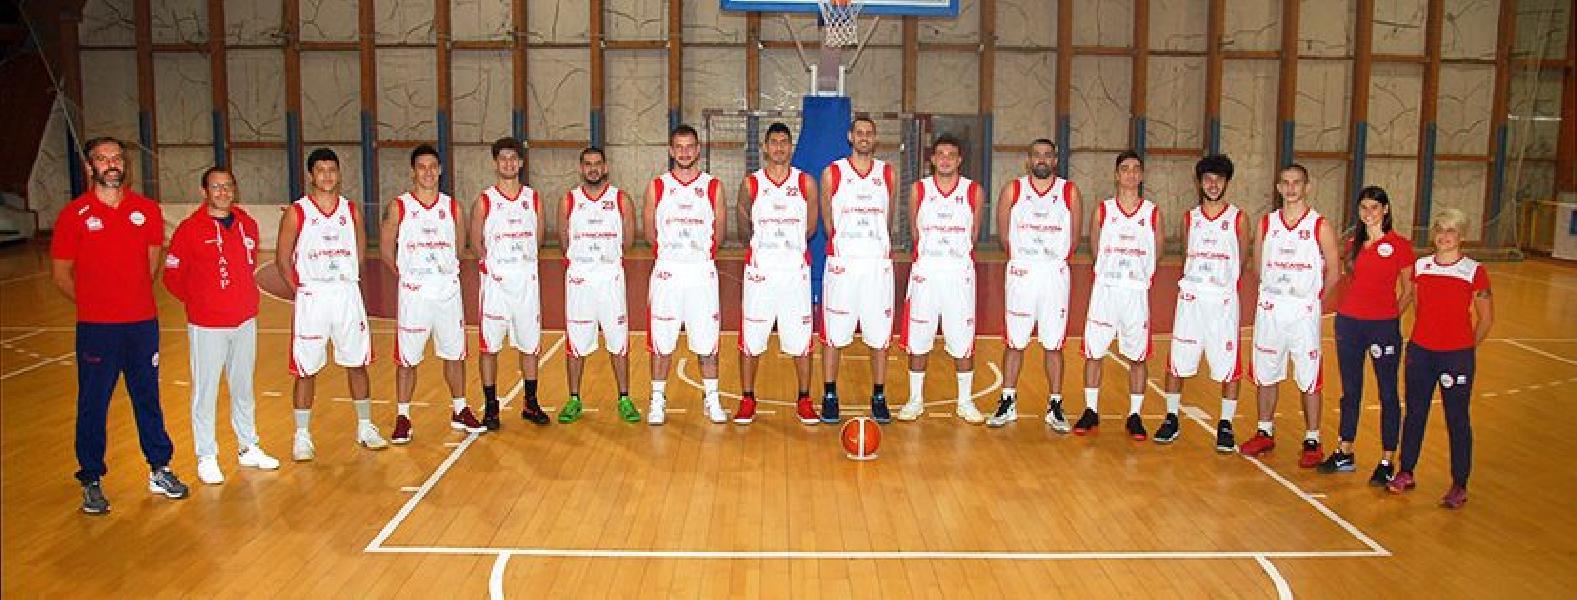 https://www.basketmarche.it/immagini_articoli/18-03-2019/teramo-spicchi-coach-stirpe-aquila-grande-vittoria-mosciano-giochiamo-posto-600.jpg